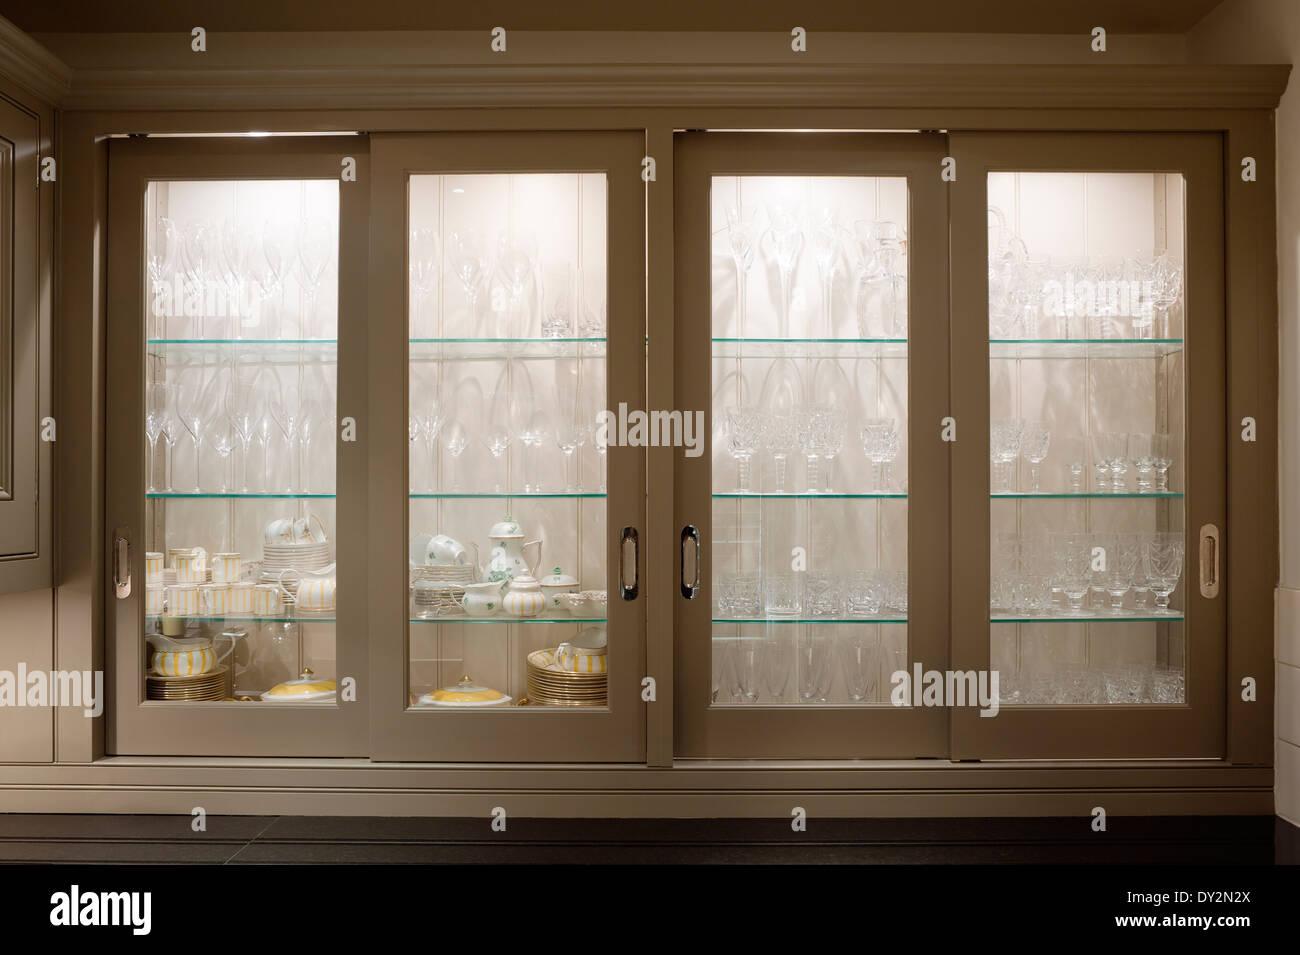 Credenza Con Ante In Vetro : Vetreria a credenza con ante vetro scaffalatura porta scorrevole